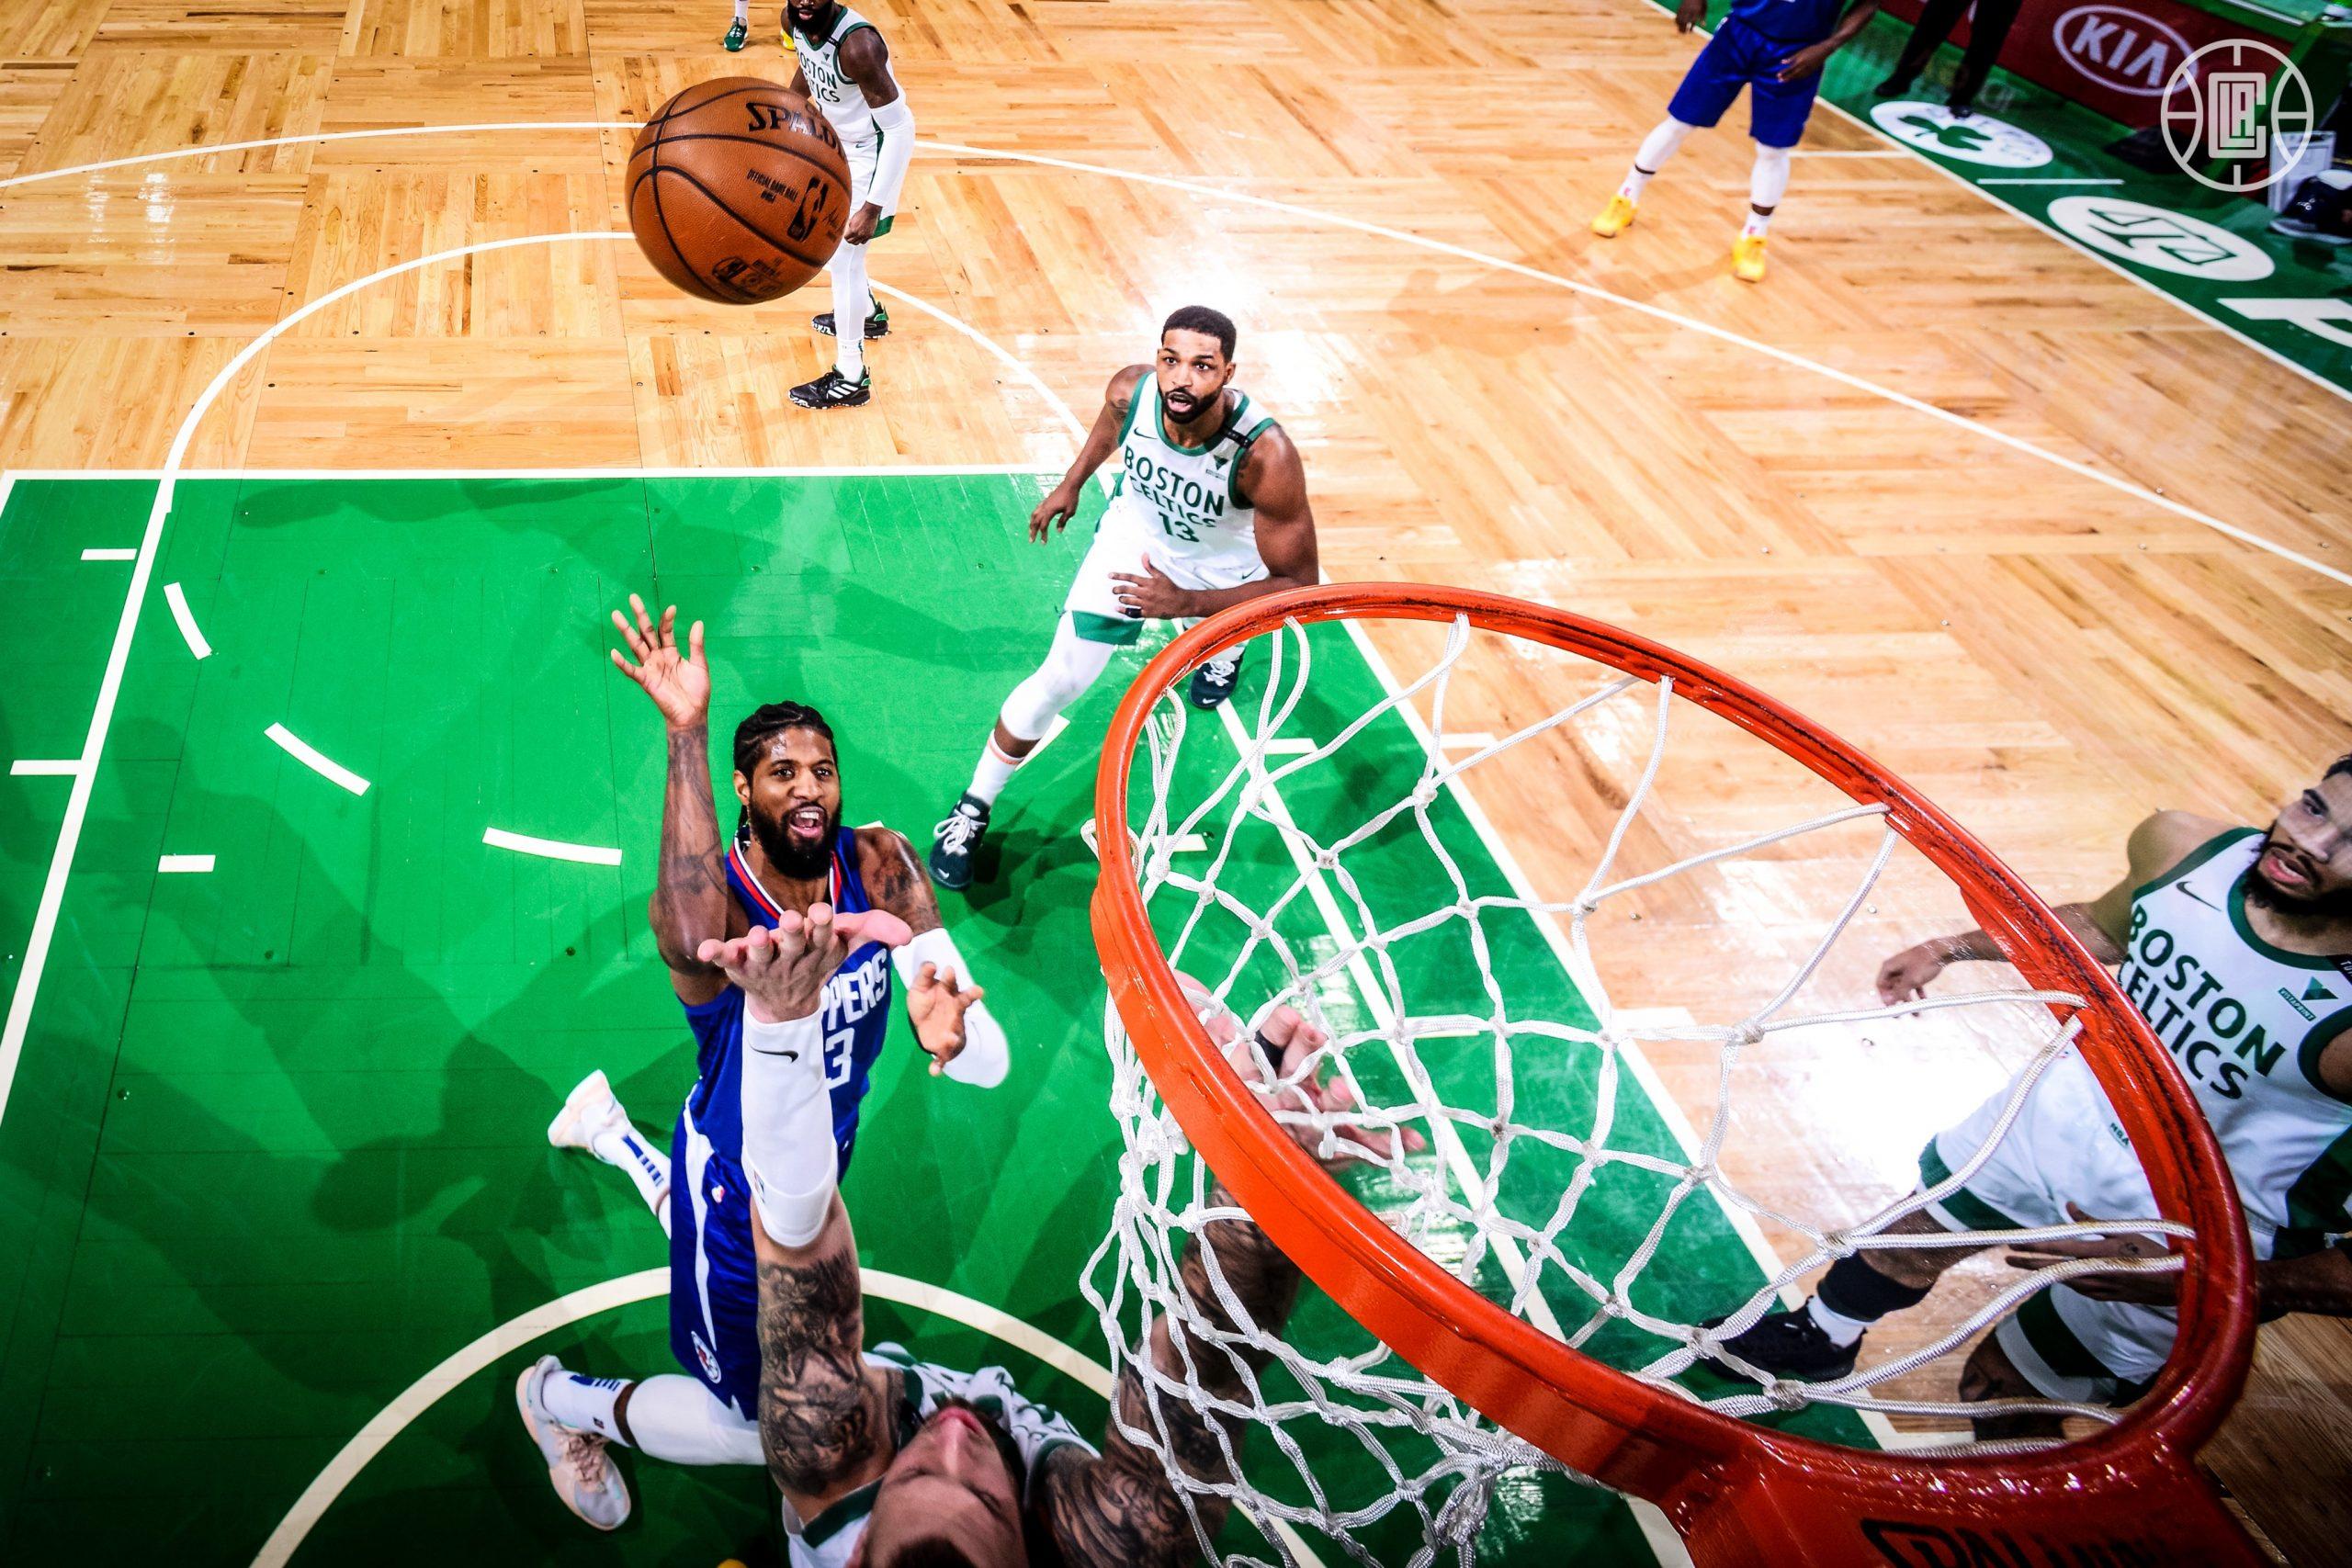 Clippers vs. Celtics Recap: Clips Fall Short, 112-117